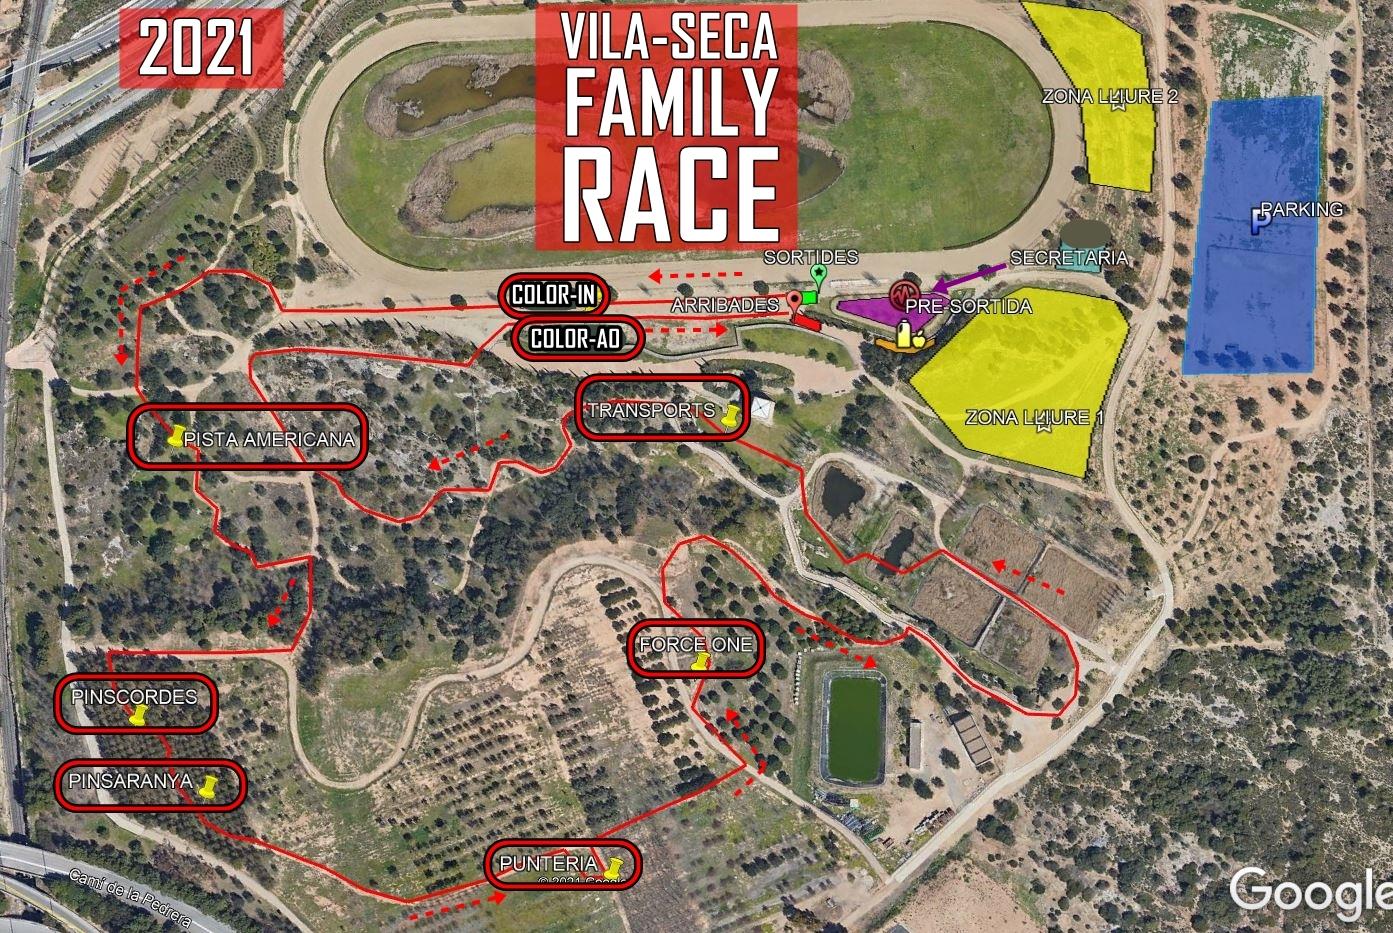 mapa vila-seca family race v2